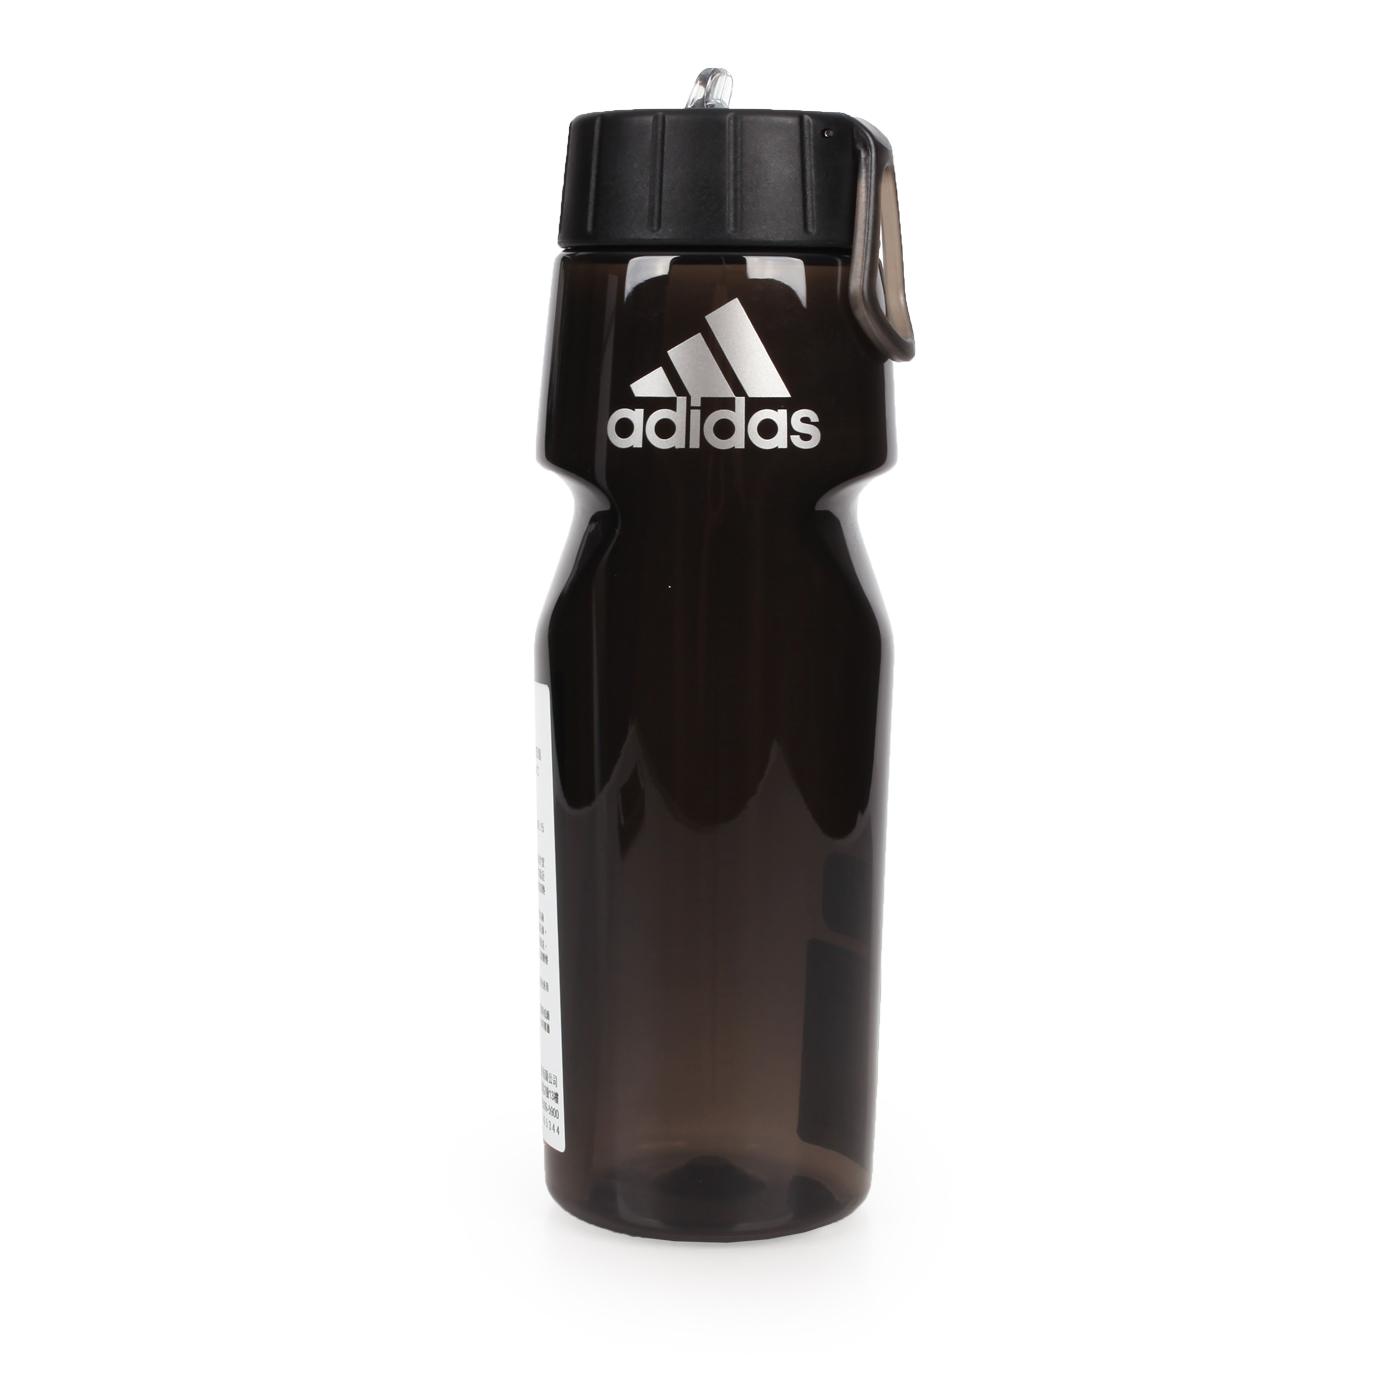 ADIDAS 運動水壺(750ml) BR6770 - 黑銀